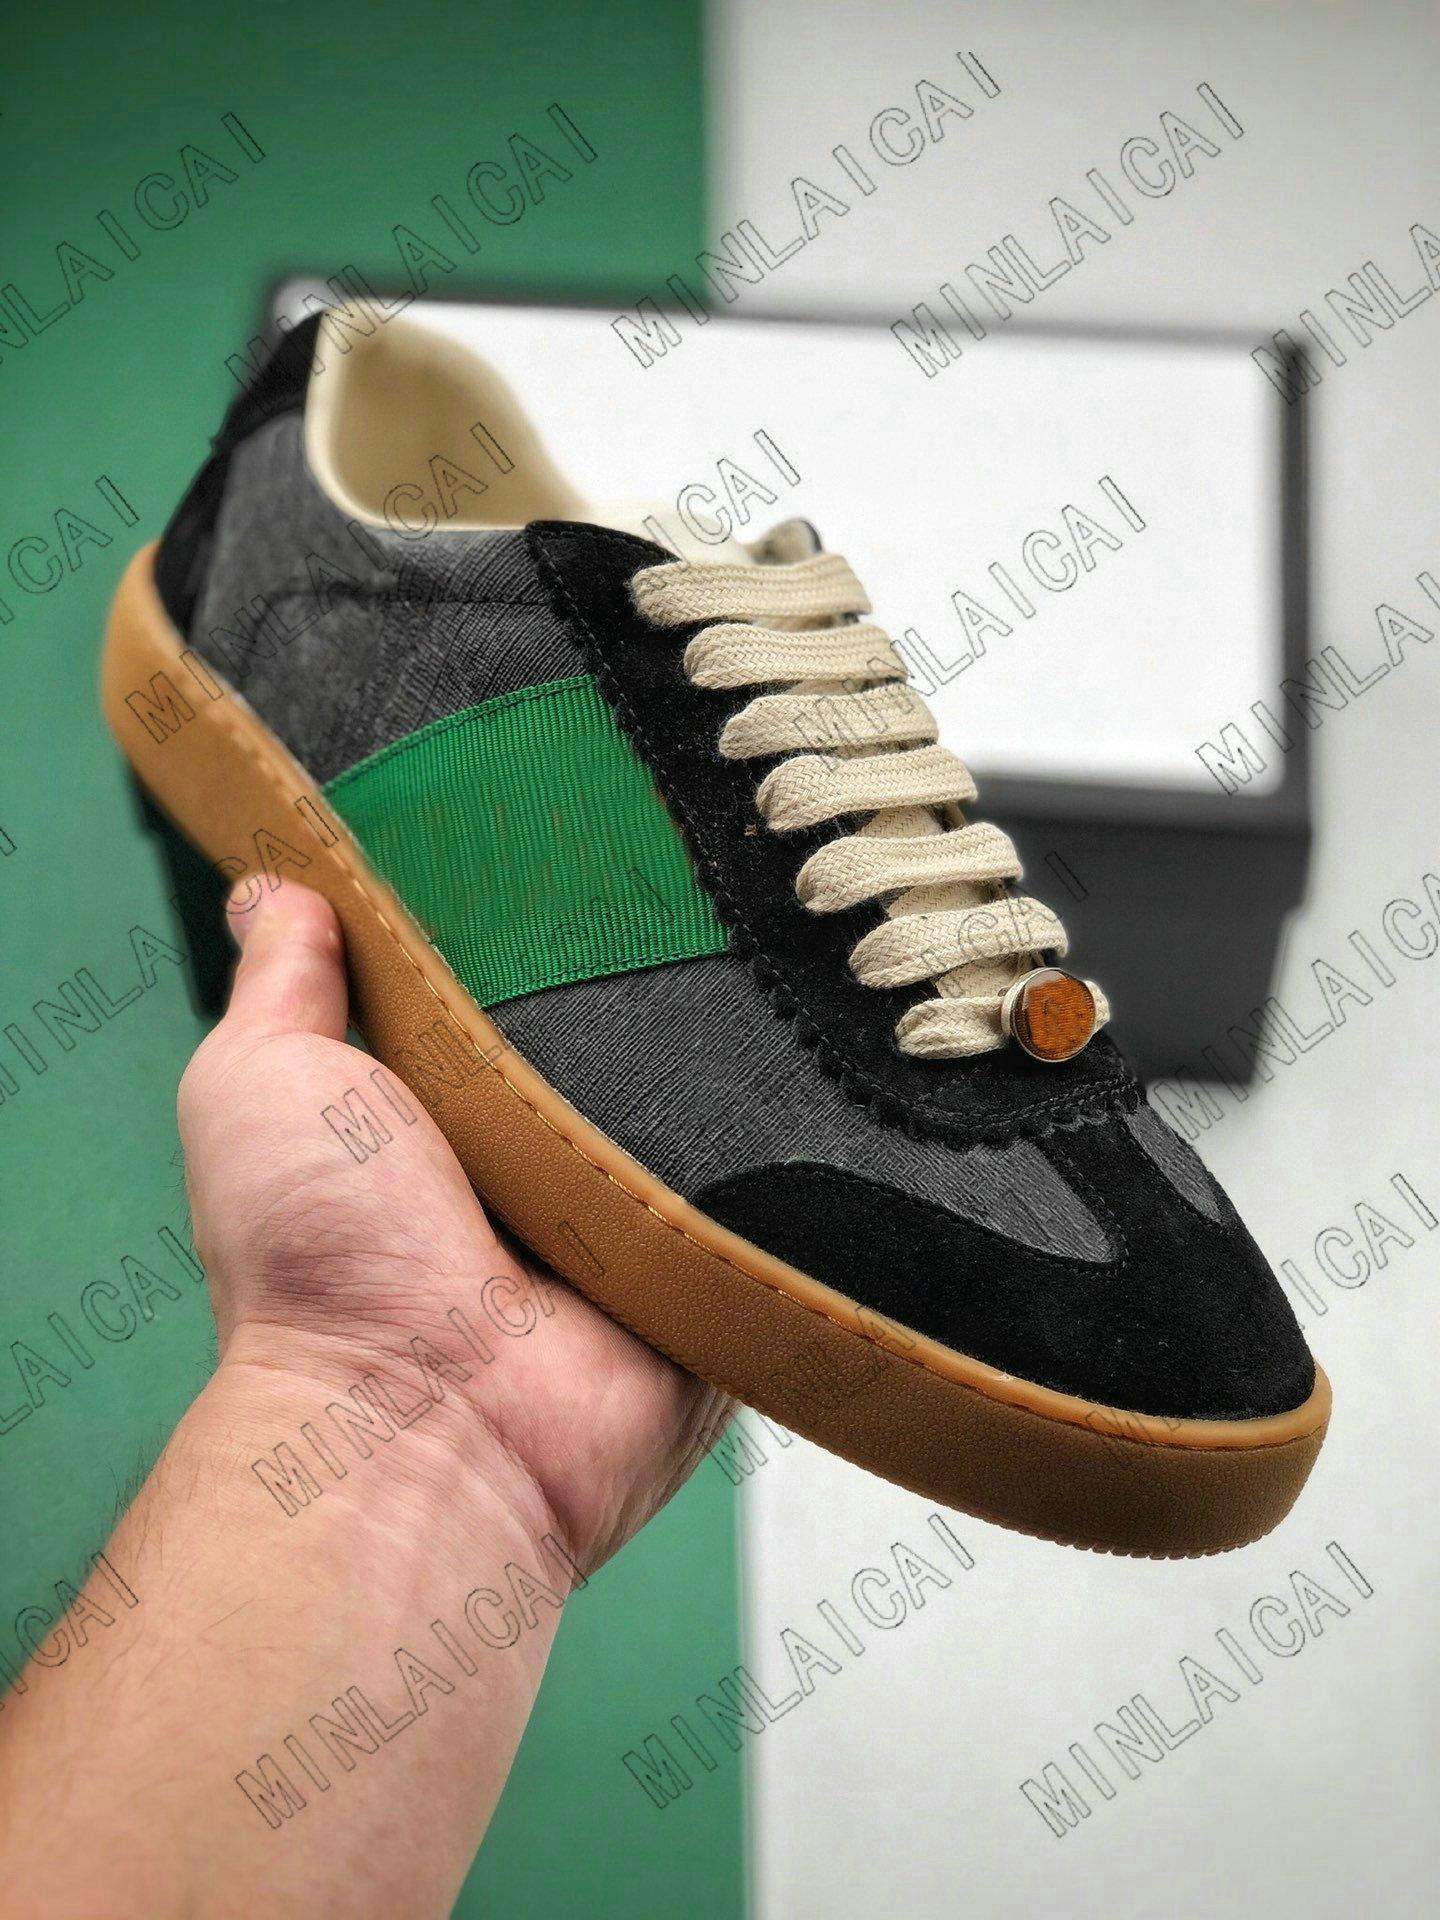 Herren bestickt Distressed Leder Screener Ass Grün Rot Streifen Italien Sneakers Designer Trainer Lace Up Low Cut Casual Schuhe